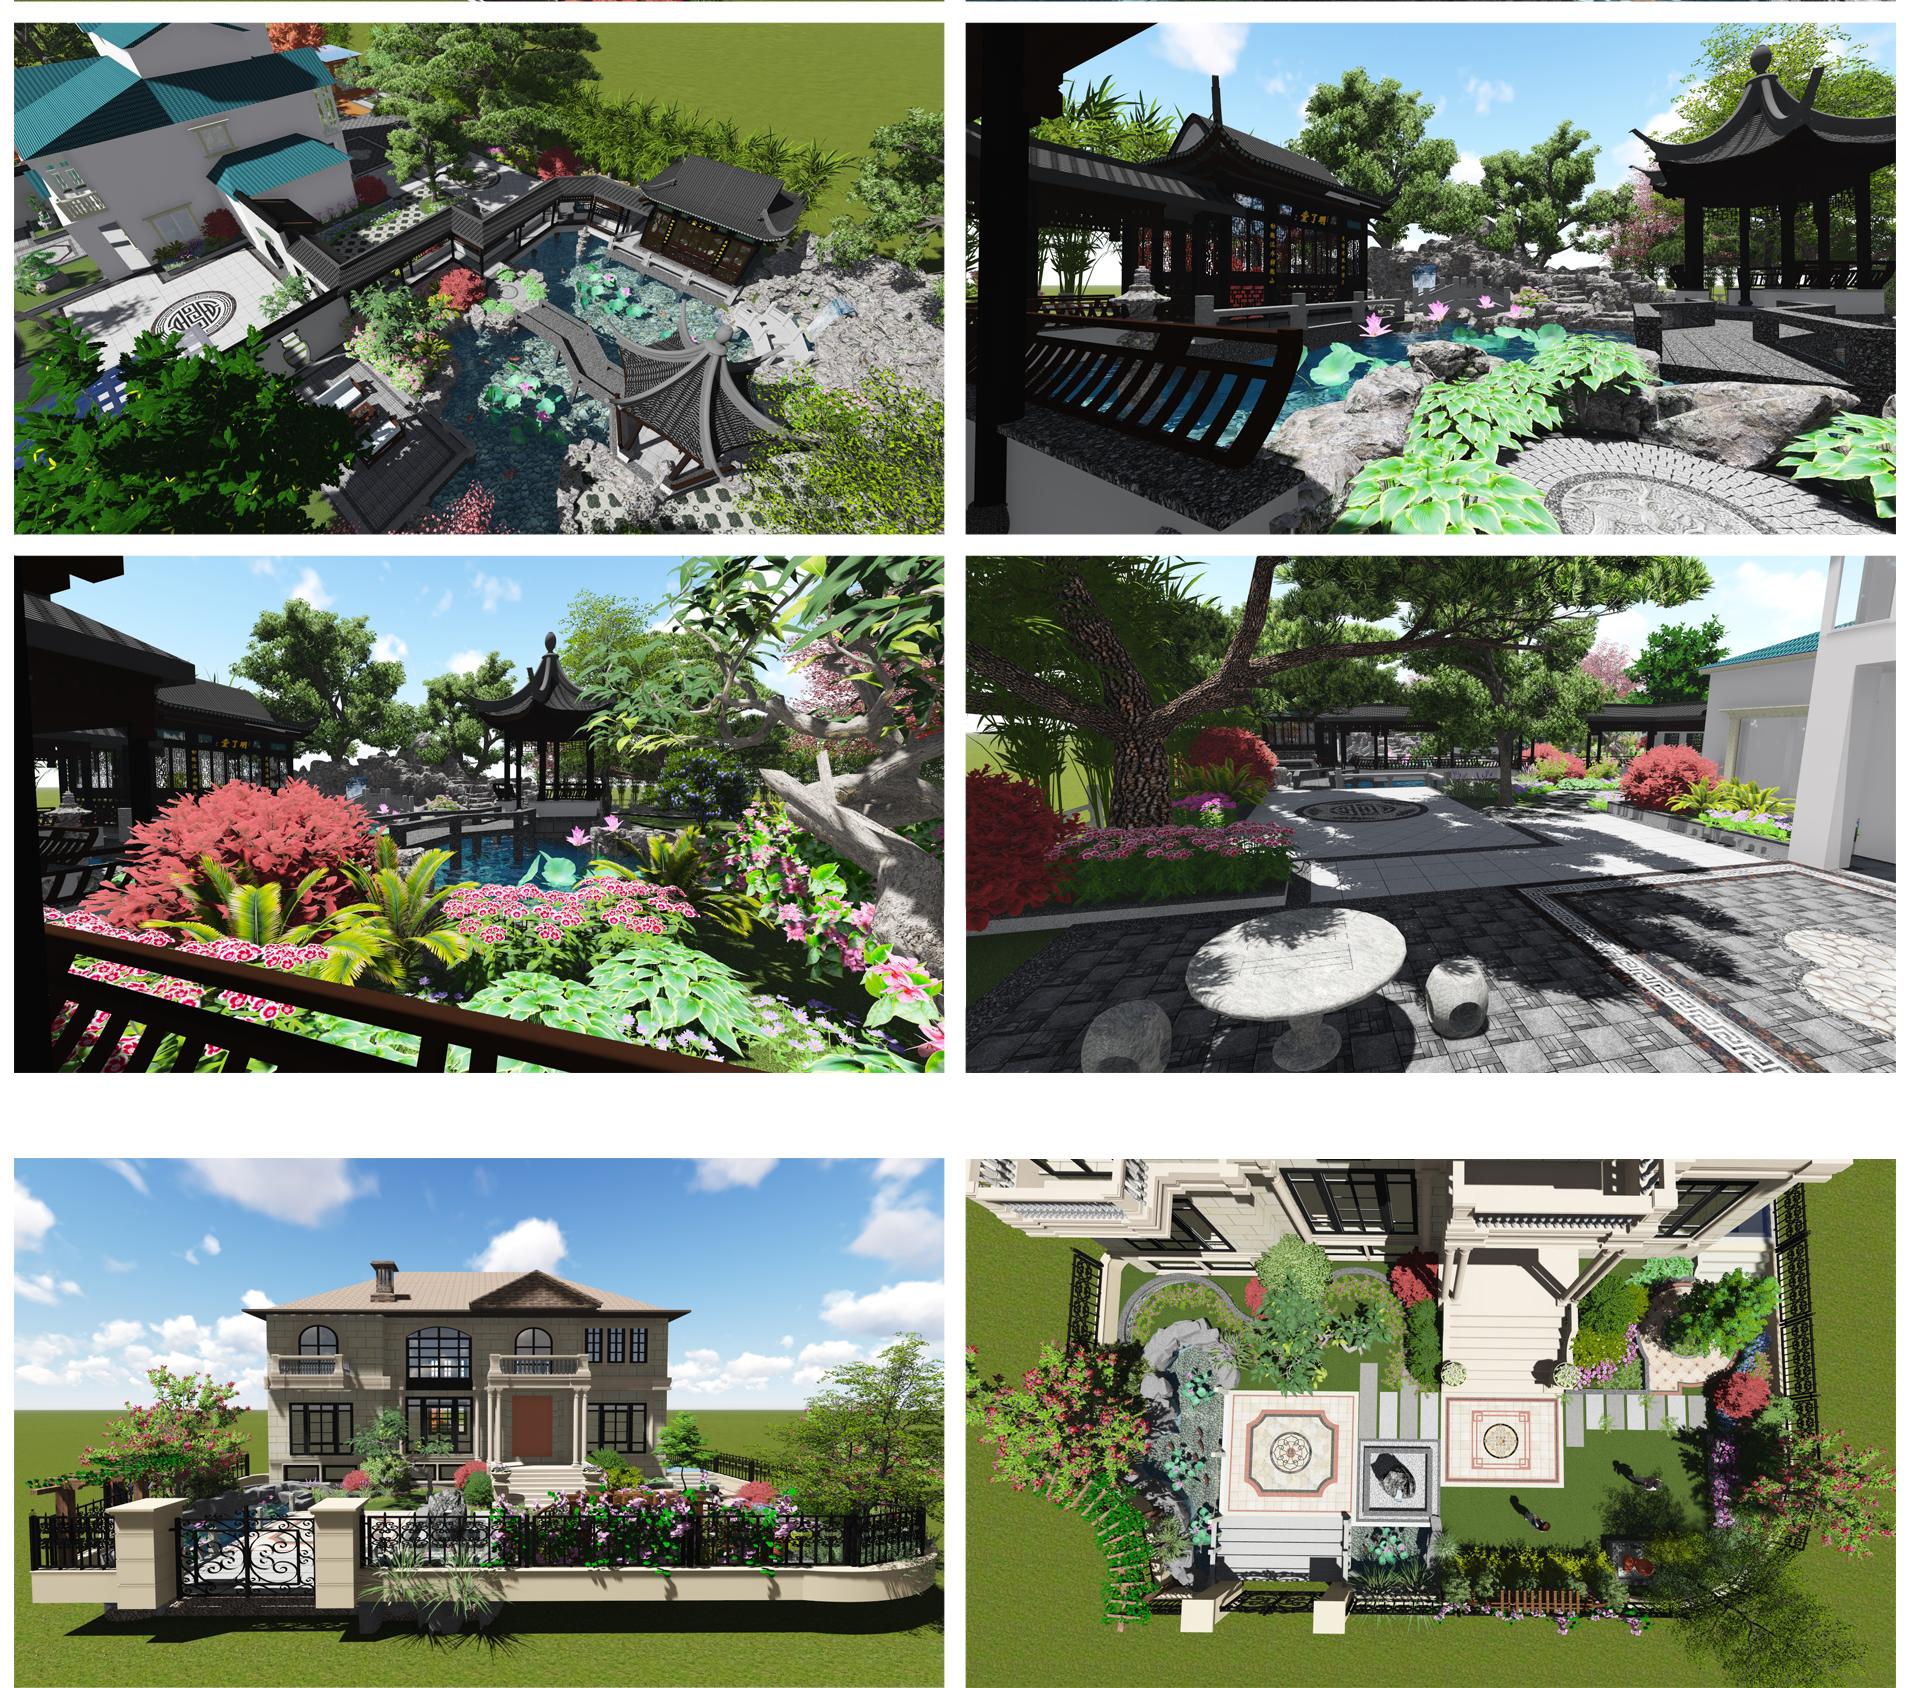 庭院_庭院设计 别墅庭院 屋顶花园 私家花园 景观设计5